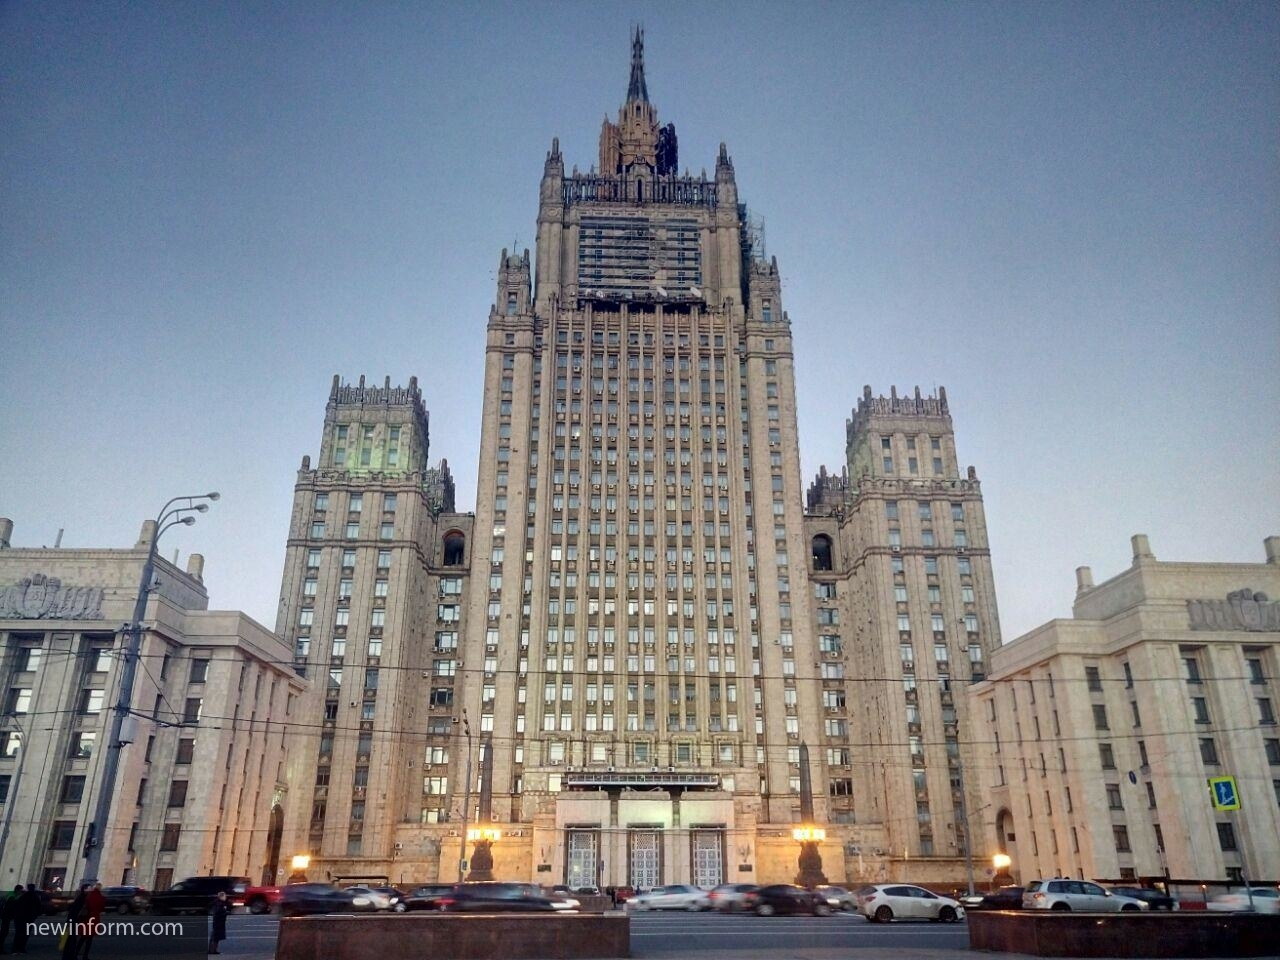 МИД Эстонии назвал сроки, в течение которых дипломаты РФ должны покинуть страну